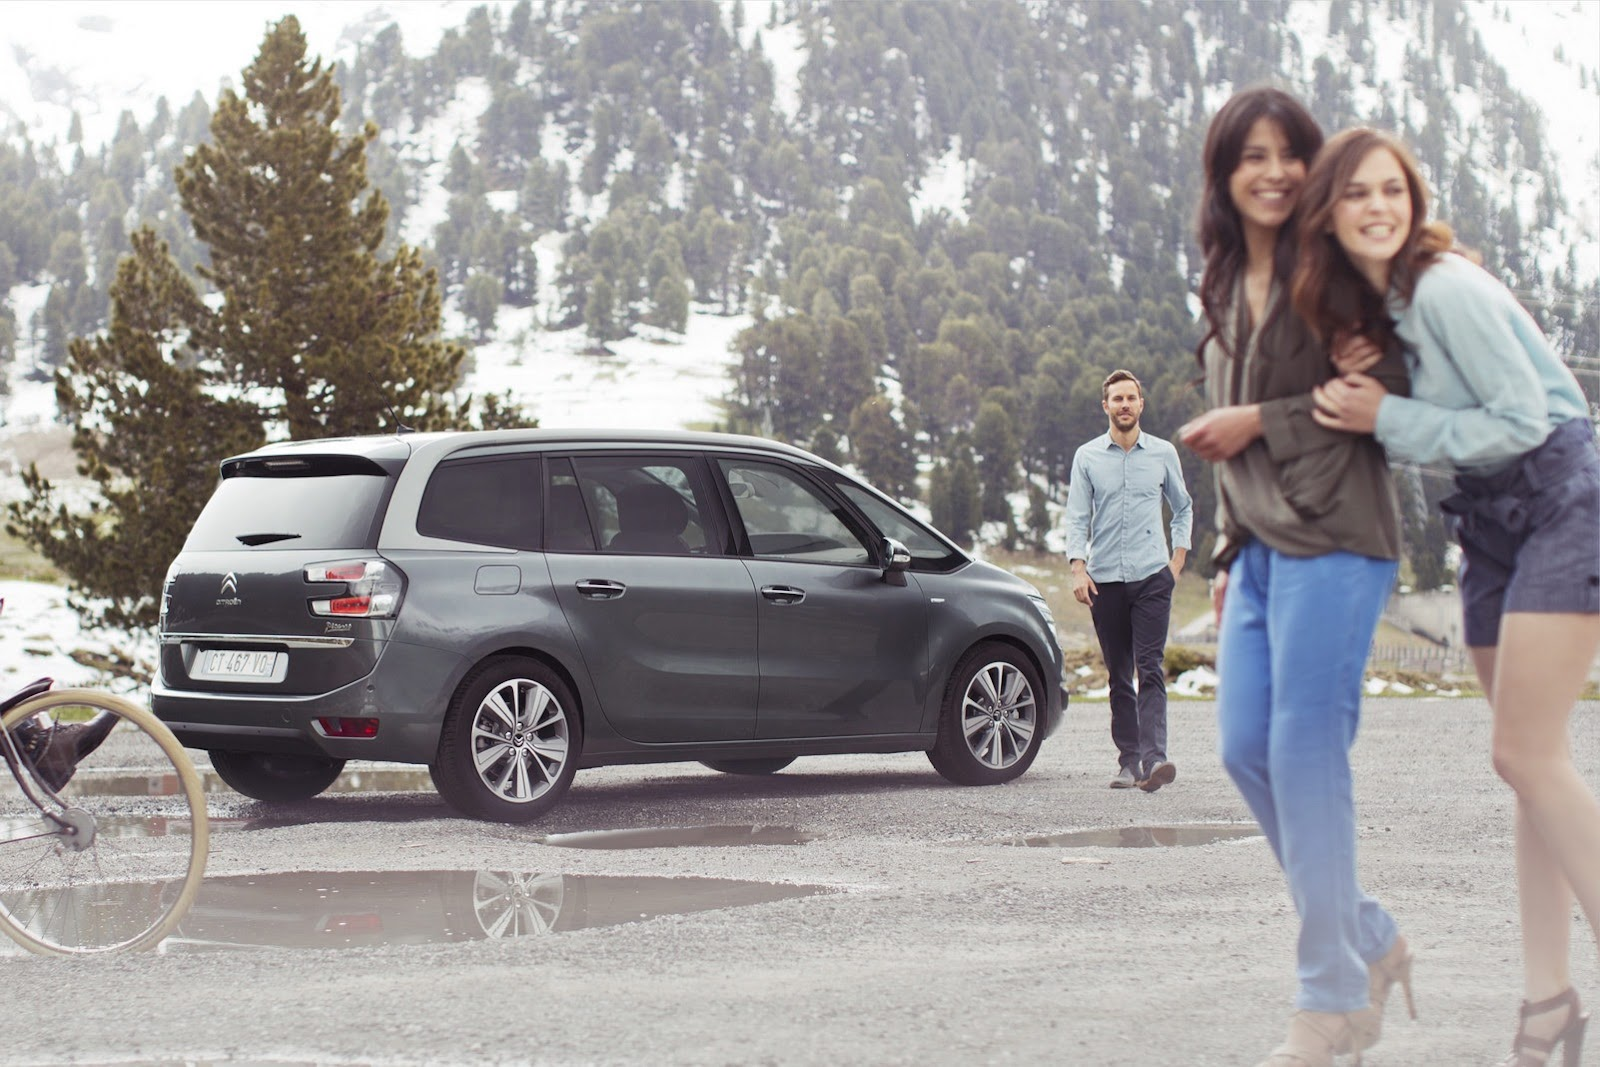 [SUJET OFFICIEL] Citroën Grand C4 Picasso II  - Page 4 Citroen-Grand-C4-Picasso-17%25255B2%25255D